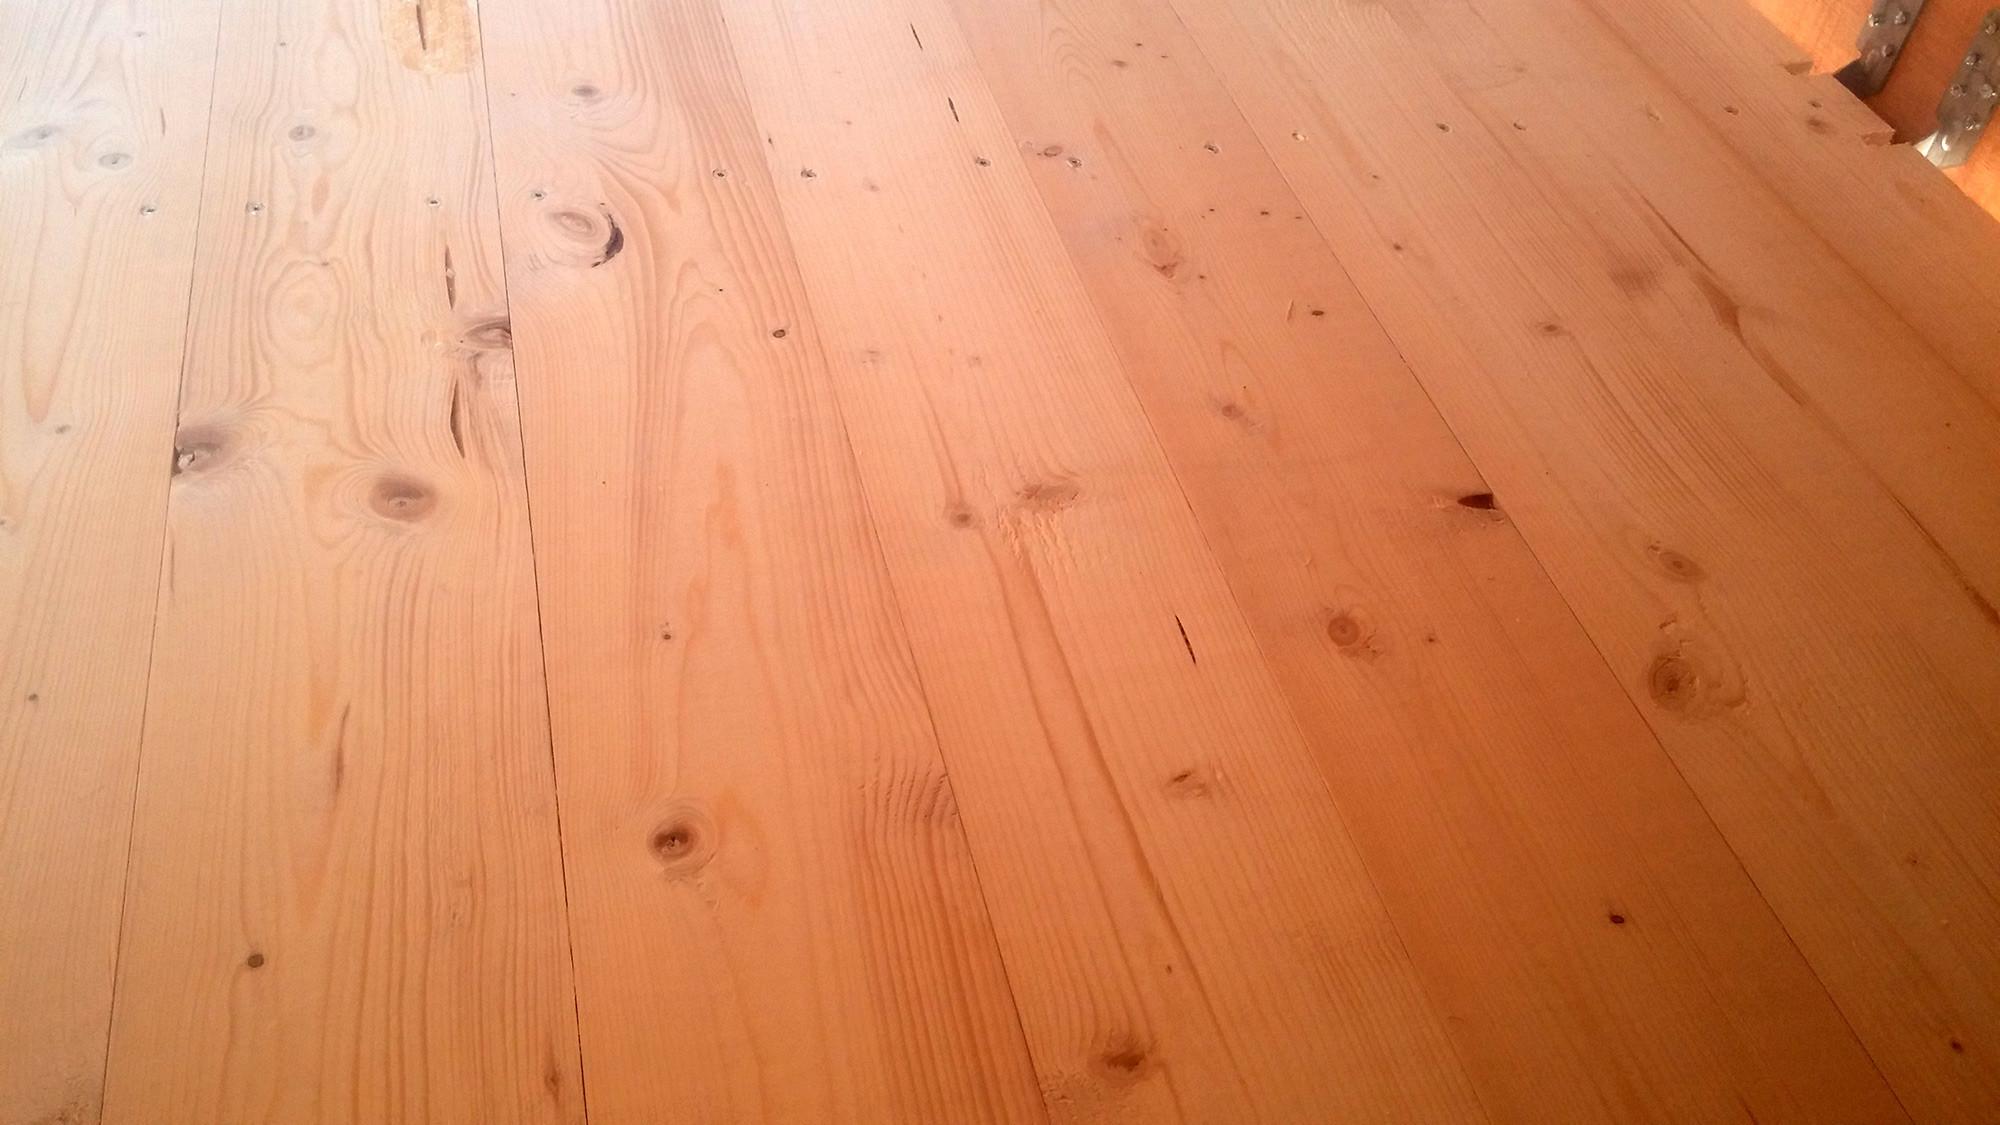 Fußboden Osb Oder Rauhspund ~ Rauspund im spitzboden in eigenleistung selber verlegen